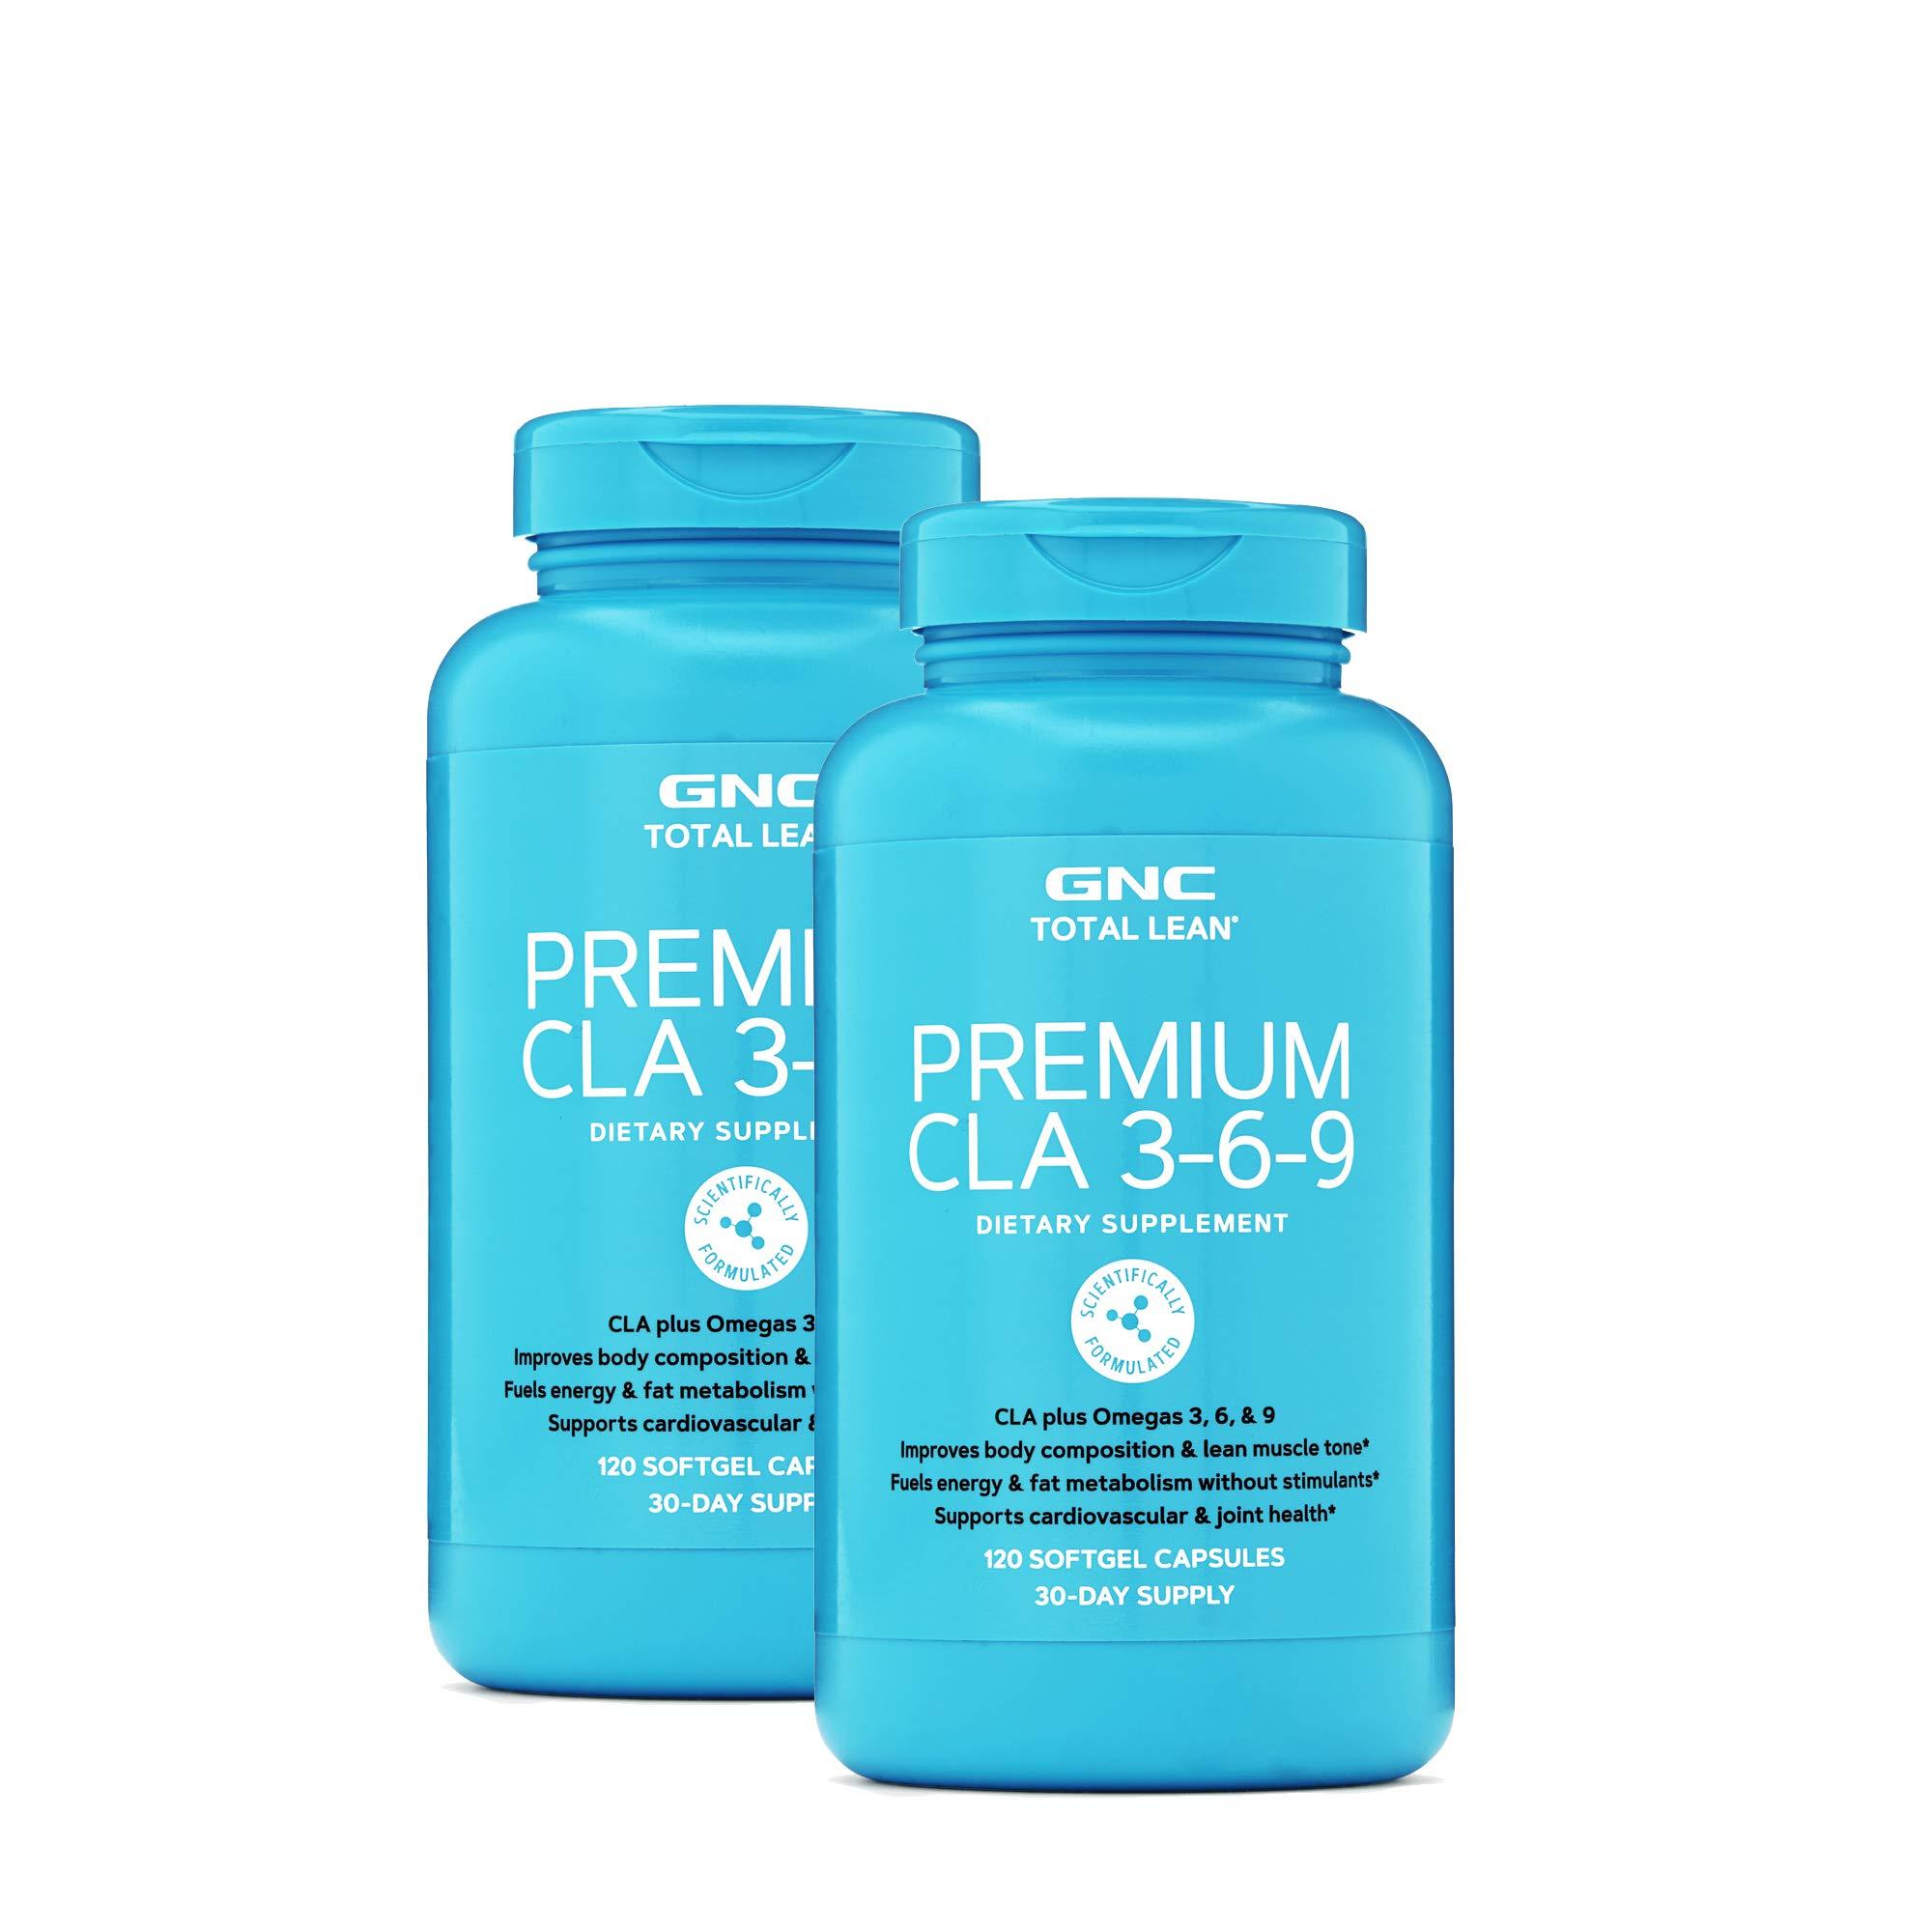 GNC Total Lean Premium CLA 3-6-9 - Twin Pack